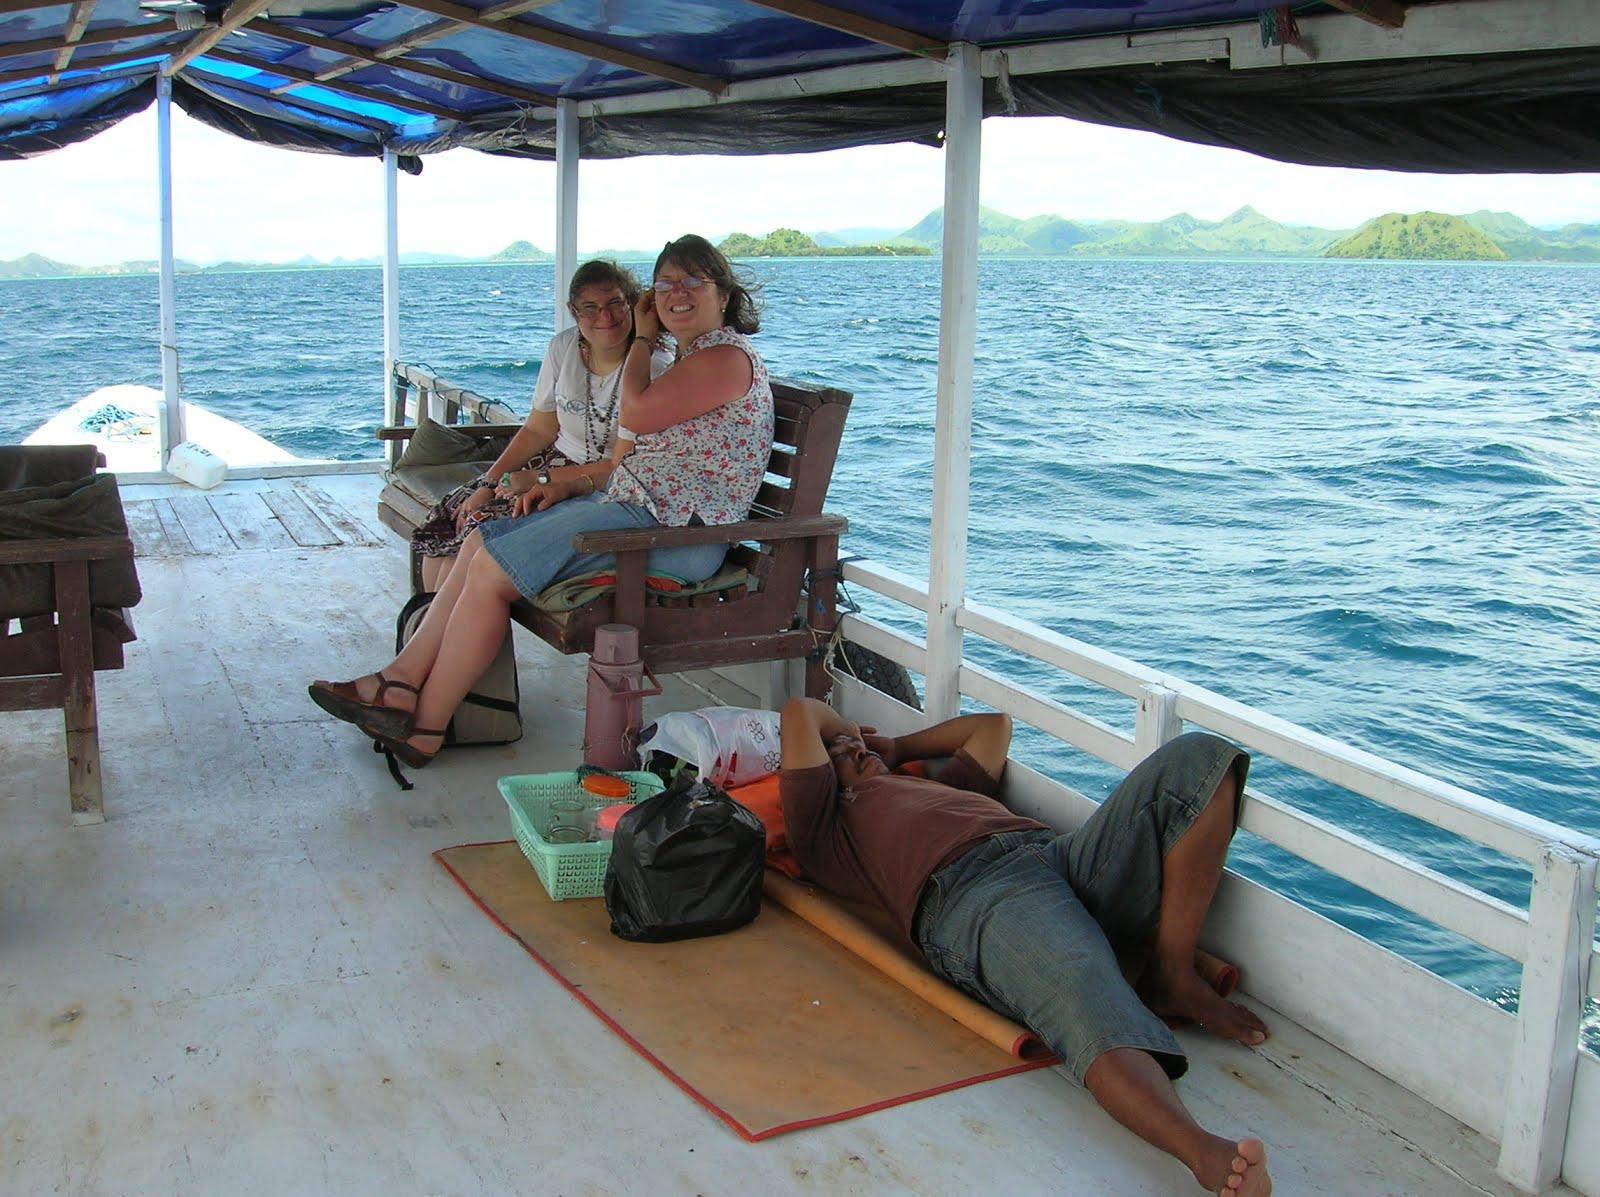 Parque Nacional de Komodo,Isla de Ricla, Isla de Flores, vuelta al mundo, round the world, La vuelta al mundo de Asun y Ricardo